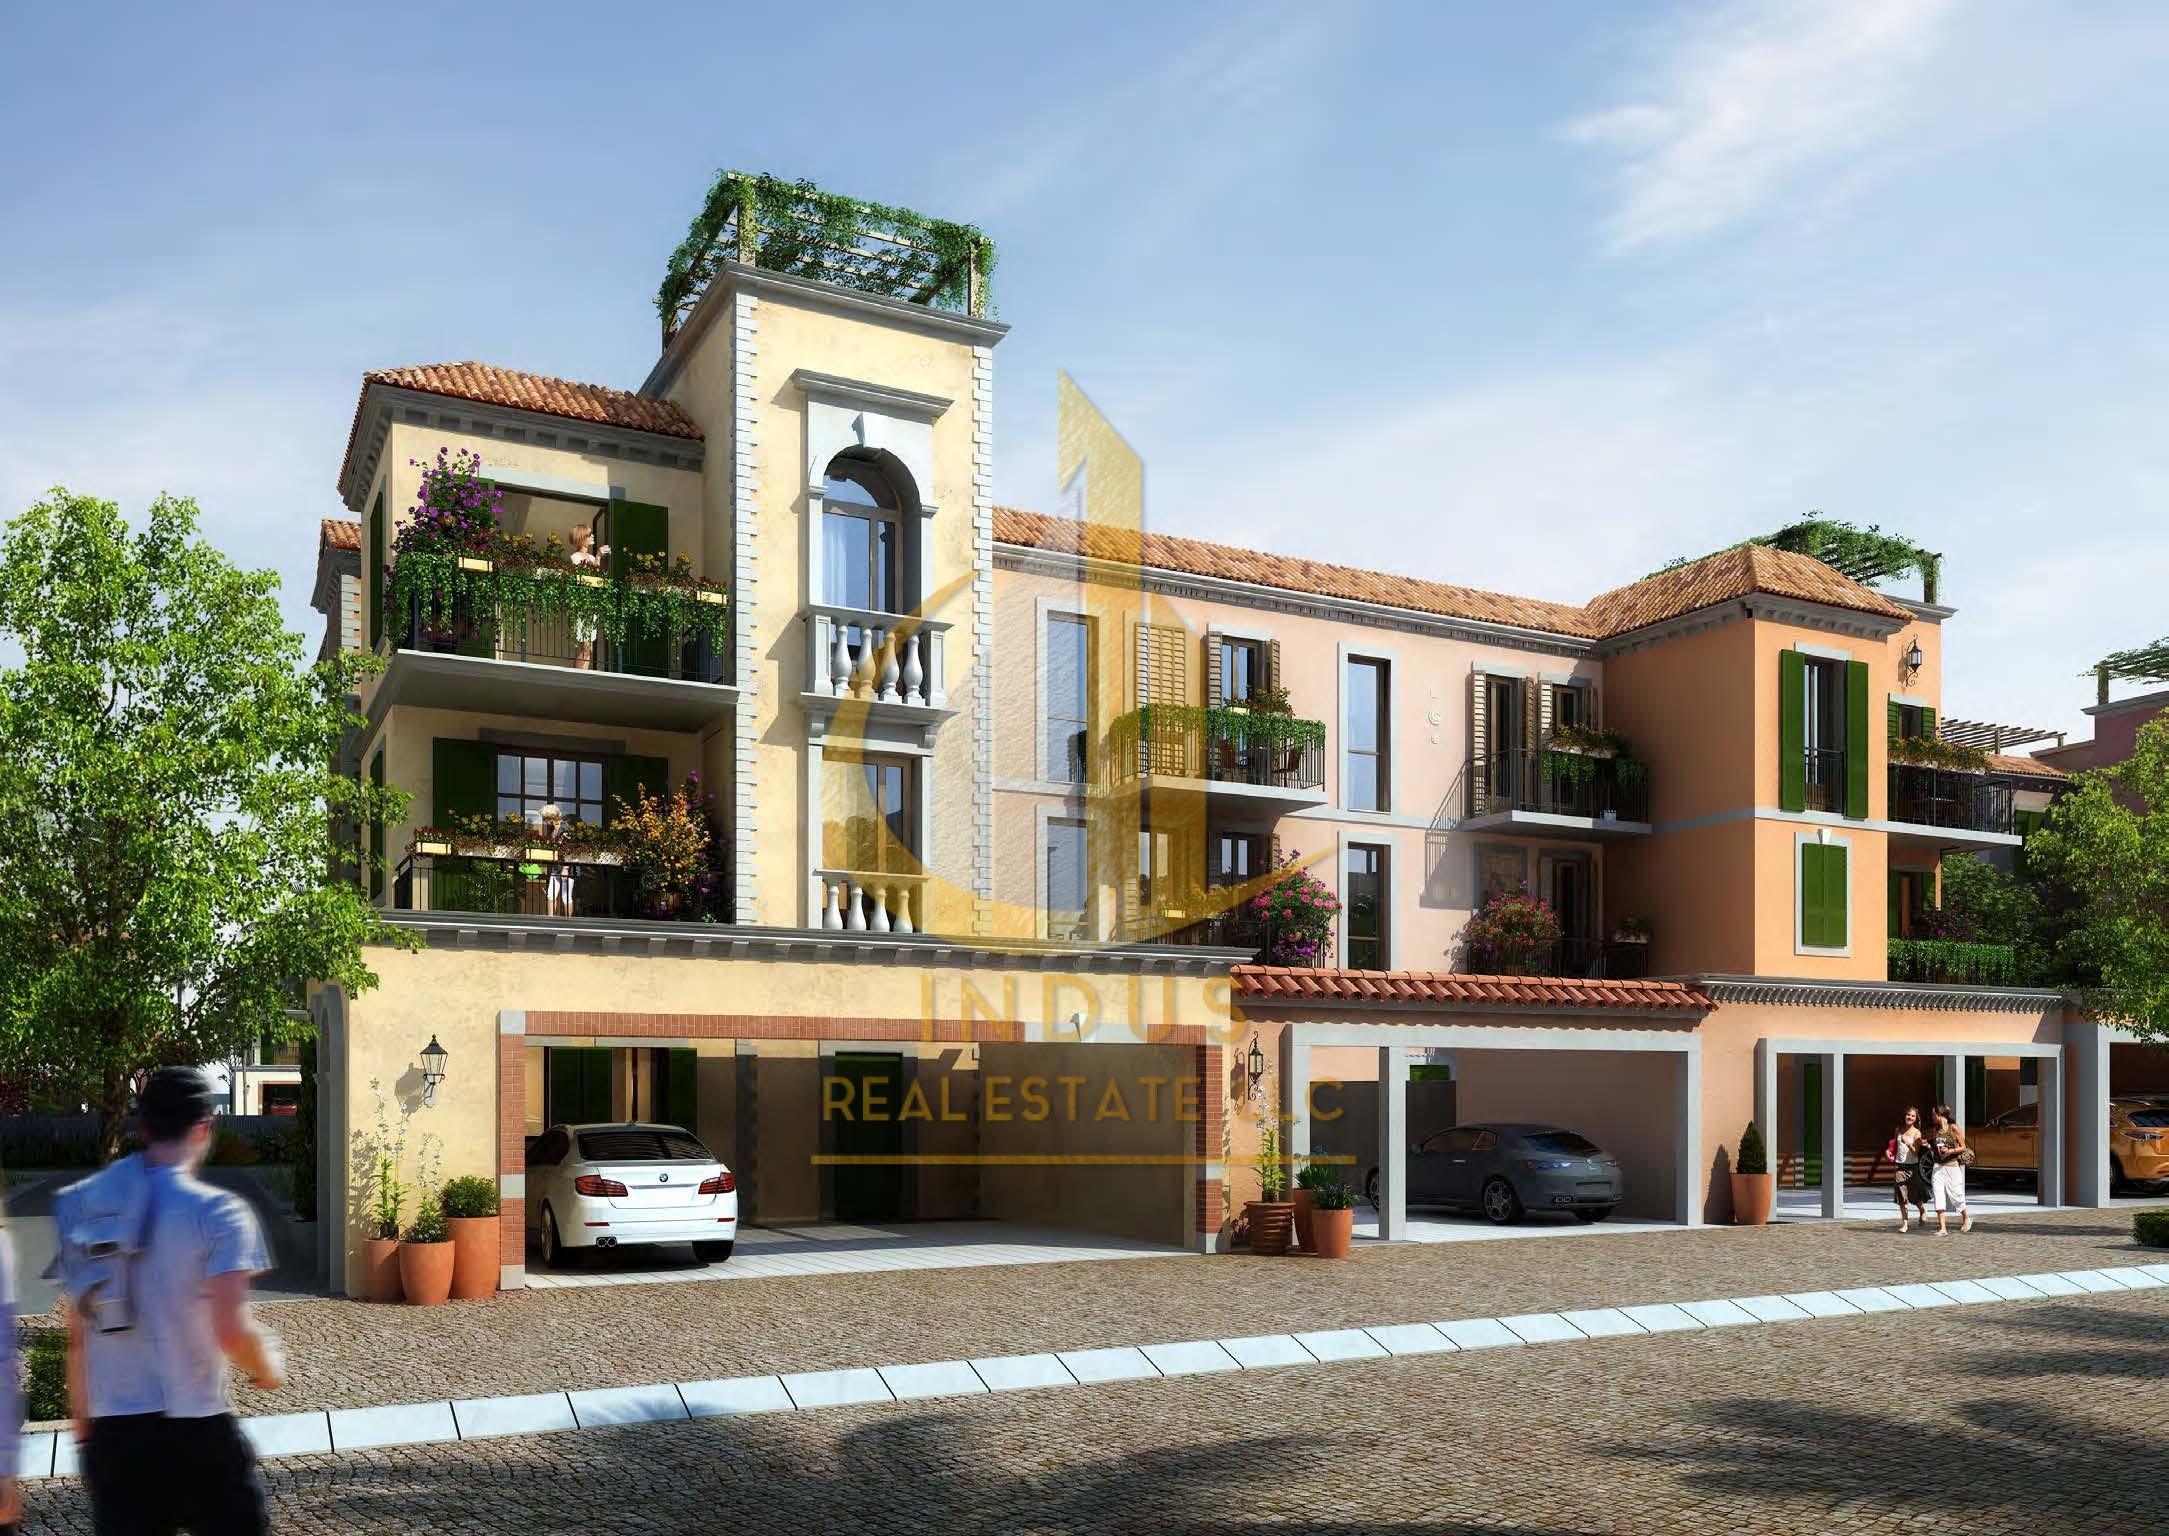 Sur La Mer Cosmopolitan Lifestyle with Beach Facing Villa